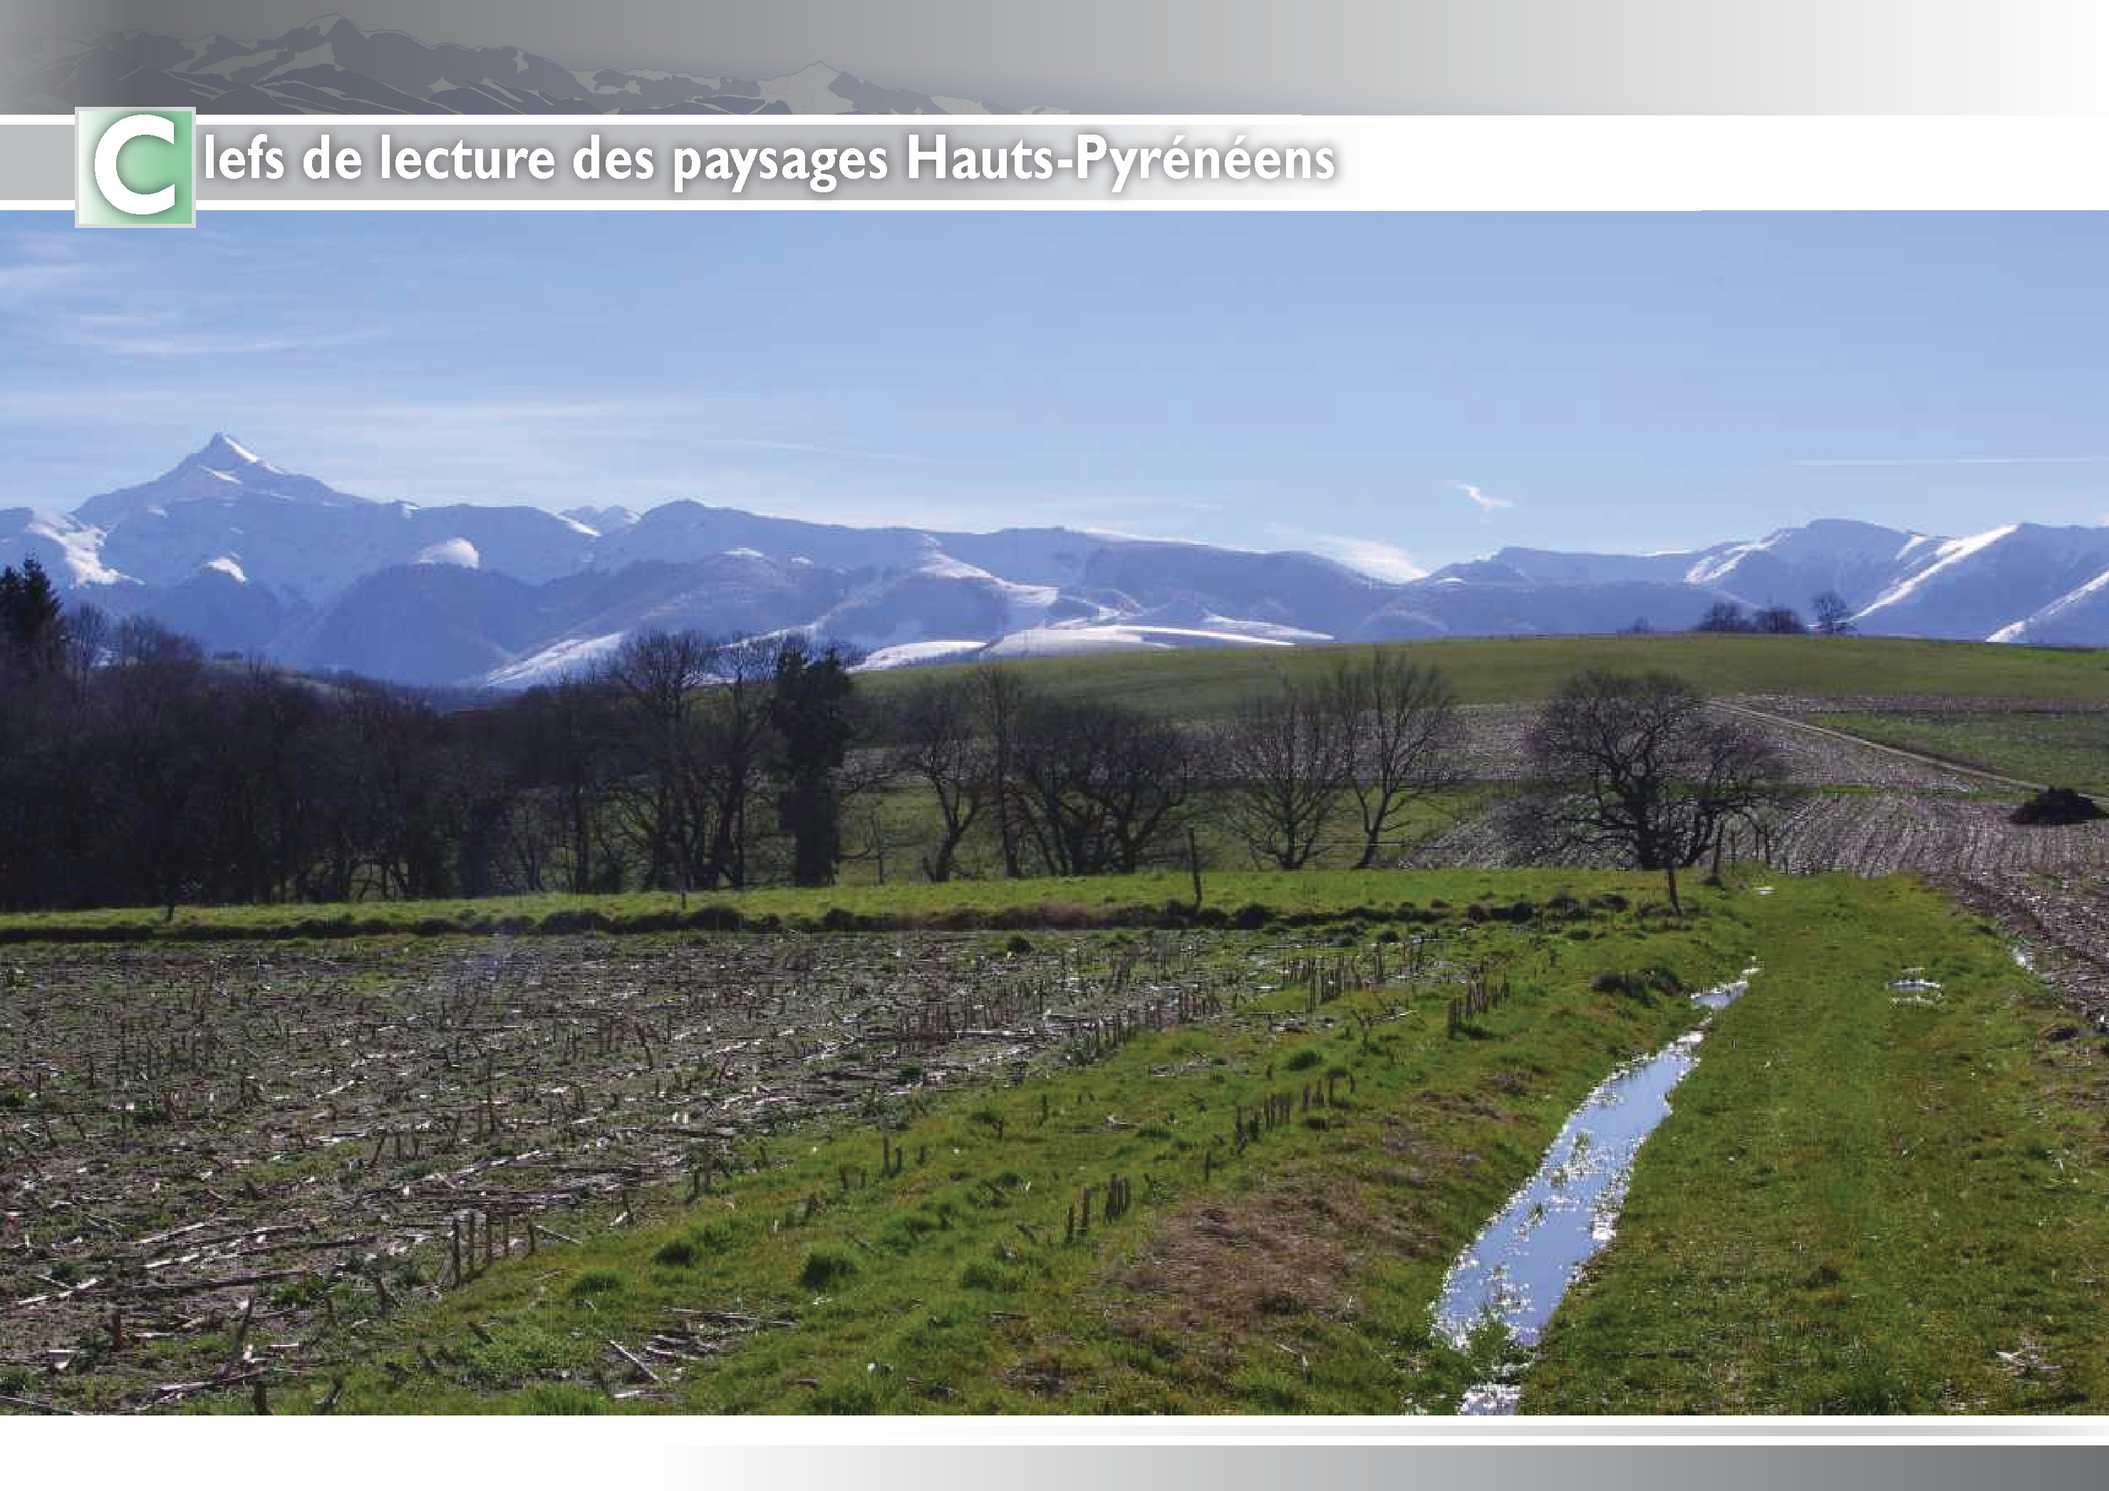 plateau-de-lannemezan-paysage